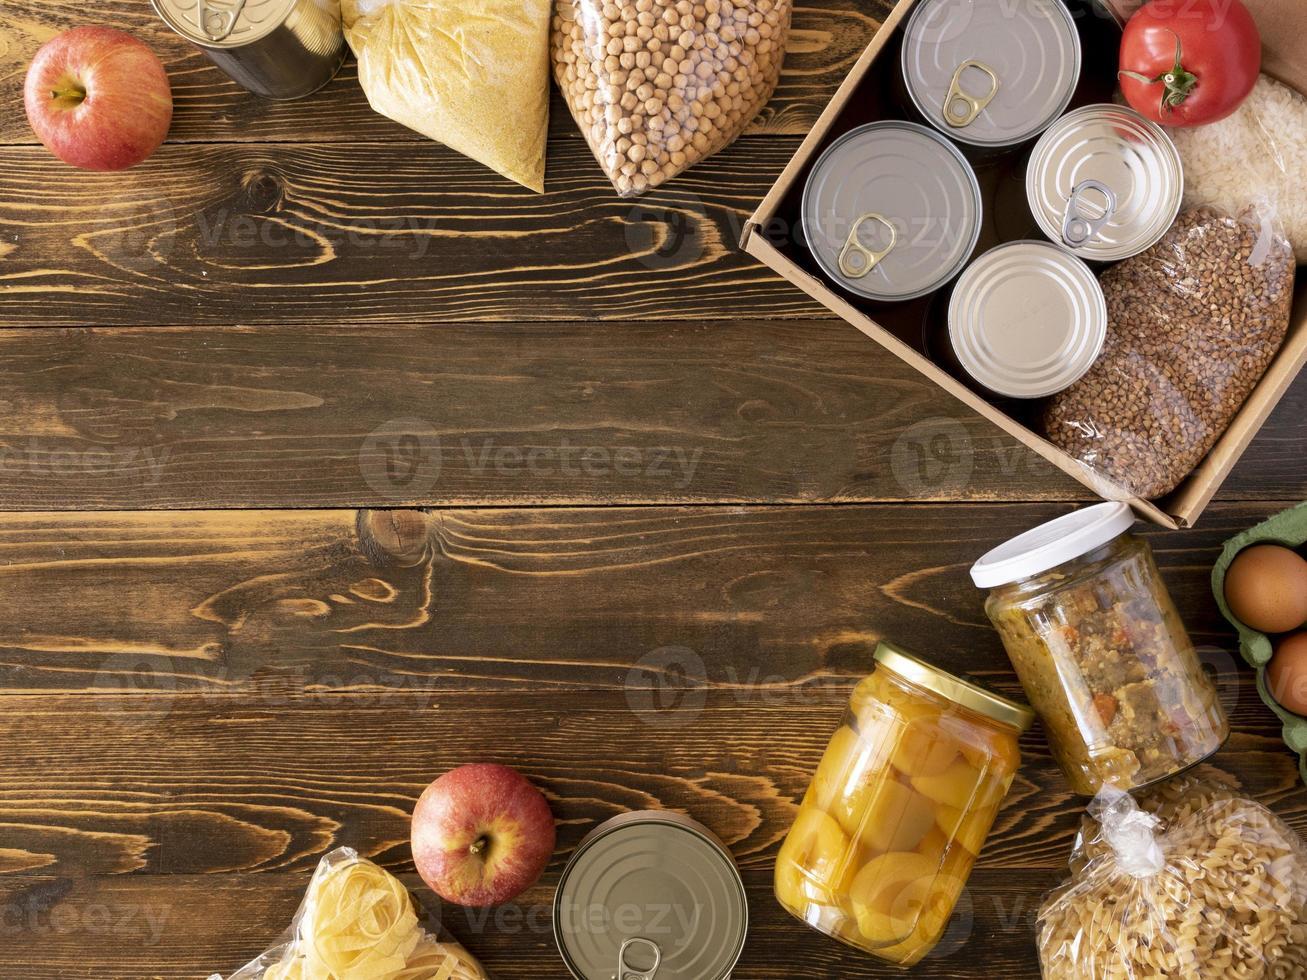 doações de alimentos em fundo de madeira foto